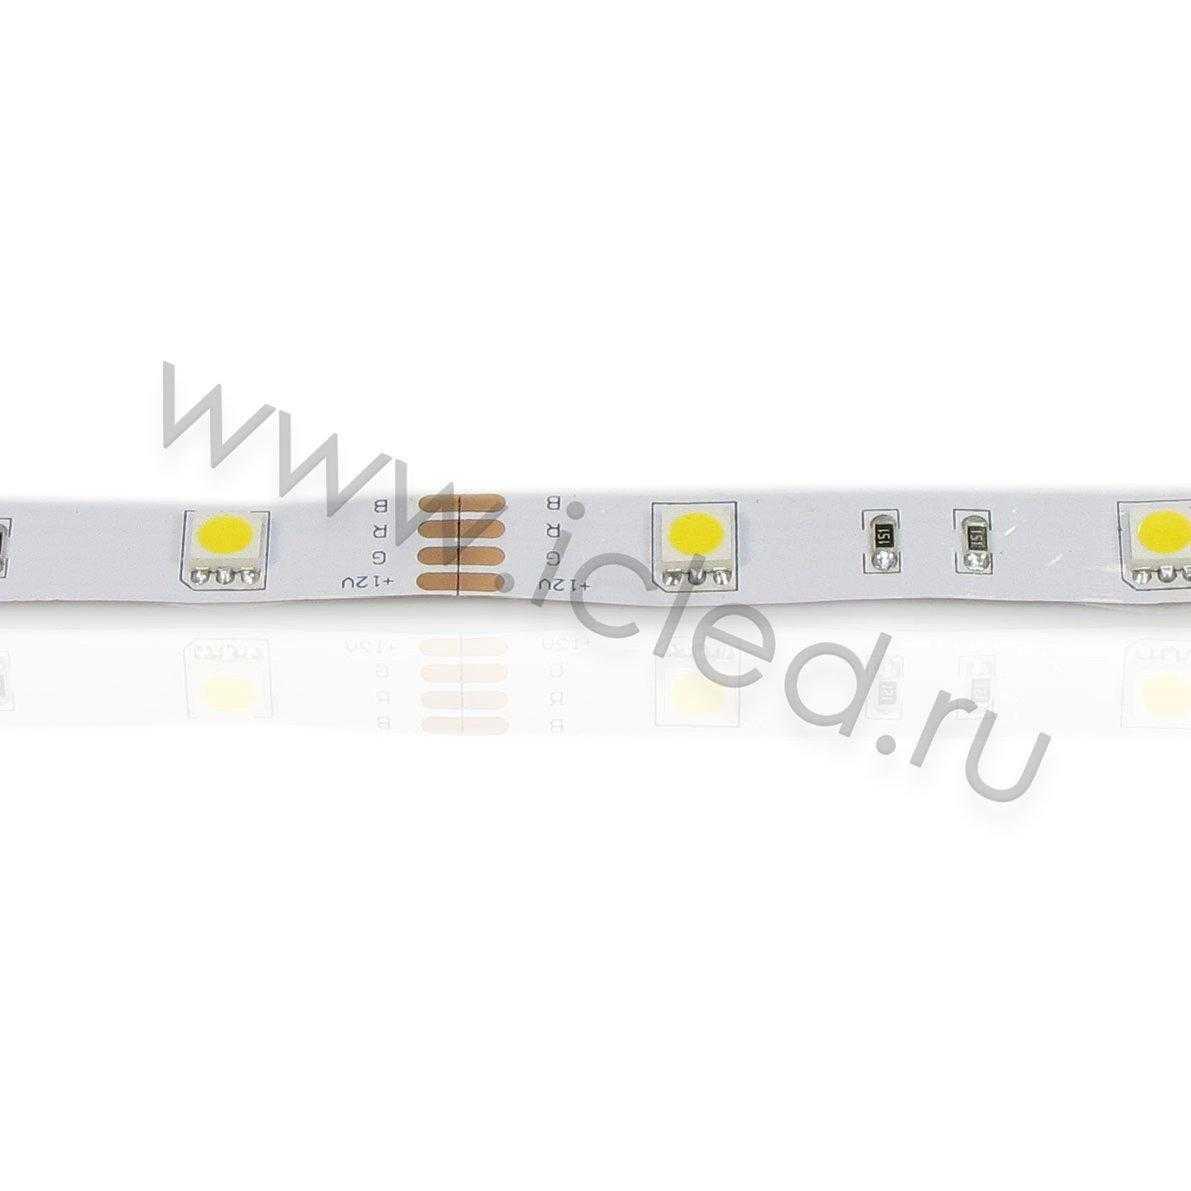 Светодиодная лента Econom class, 5050, 30led/m, Warm White, 12V, IP33